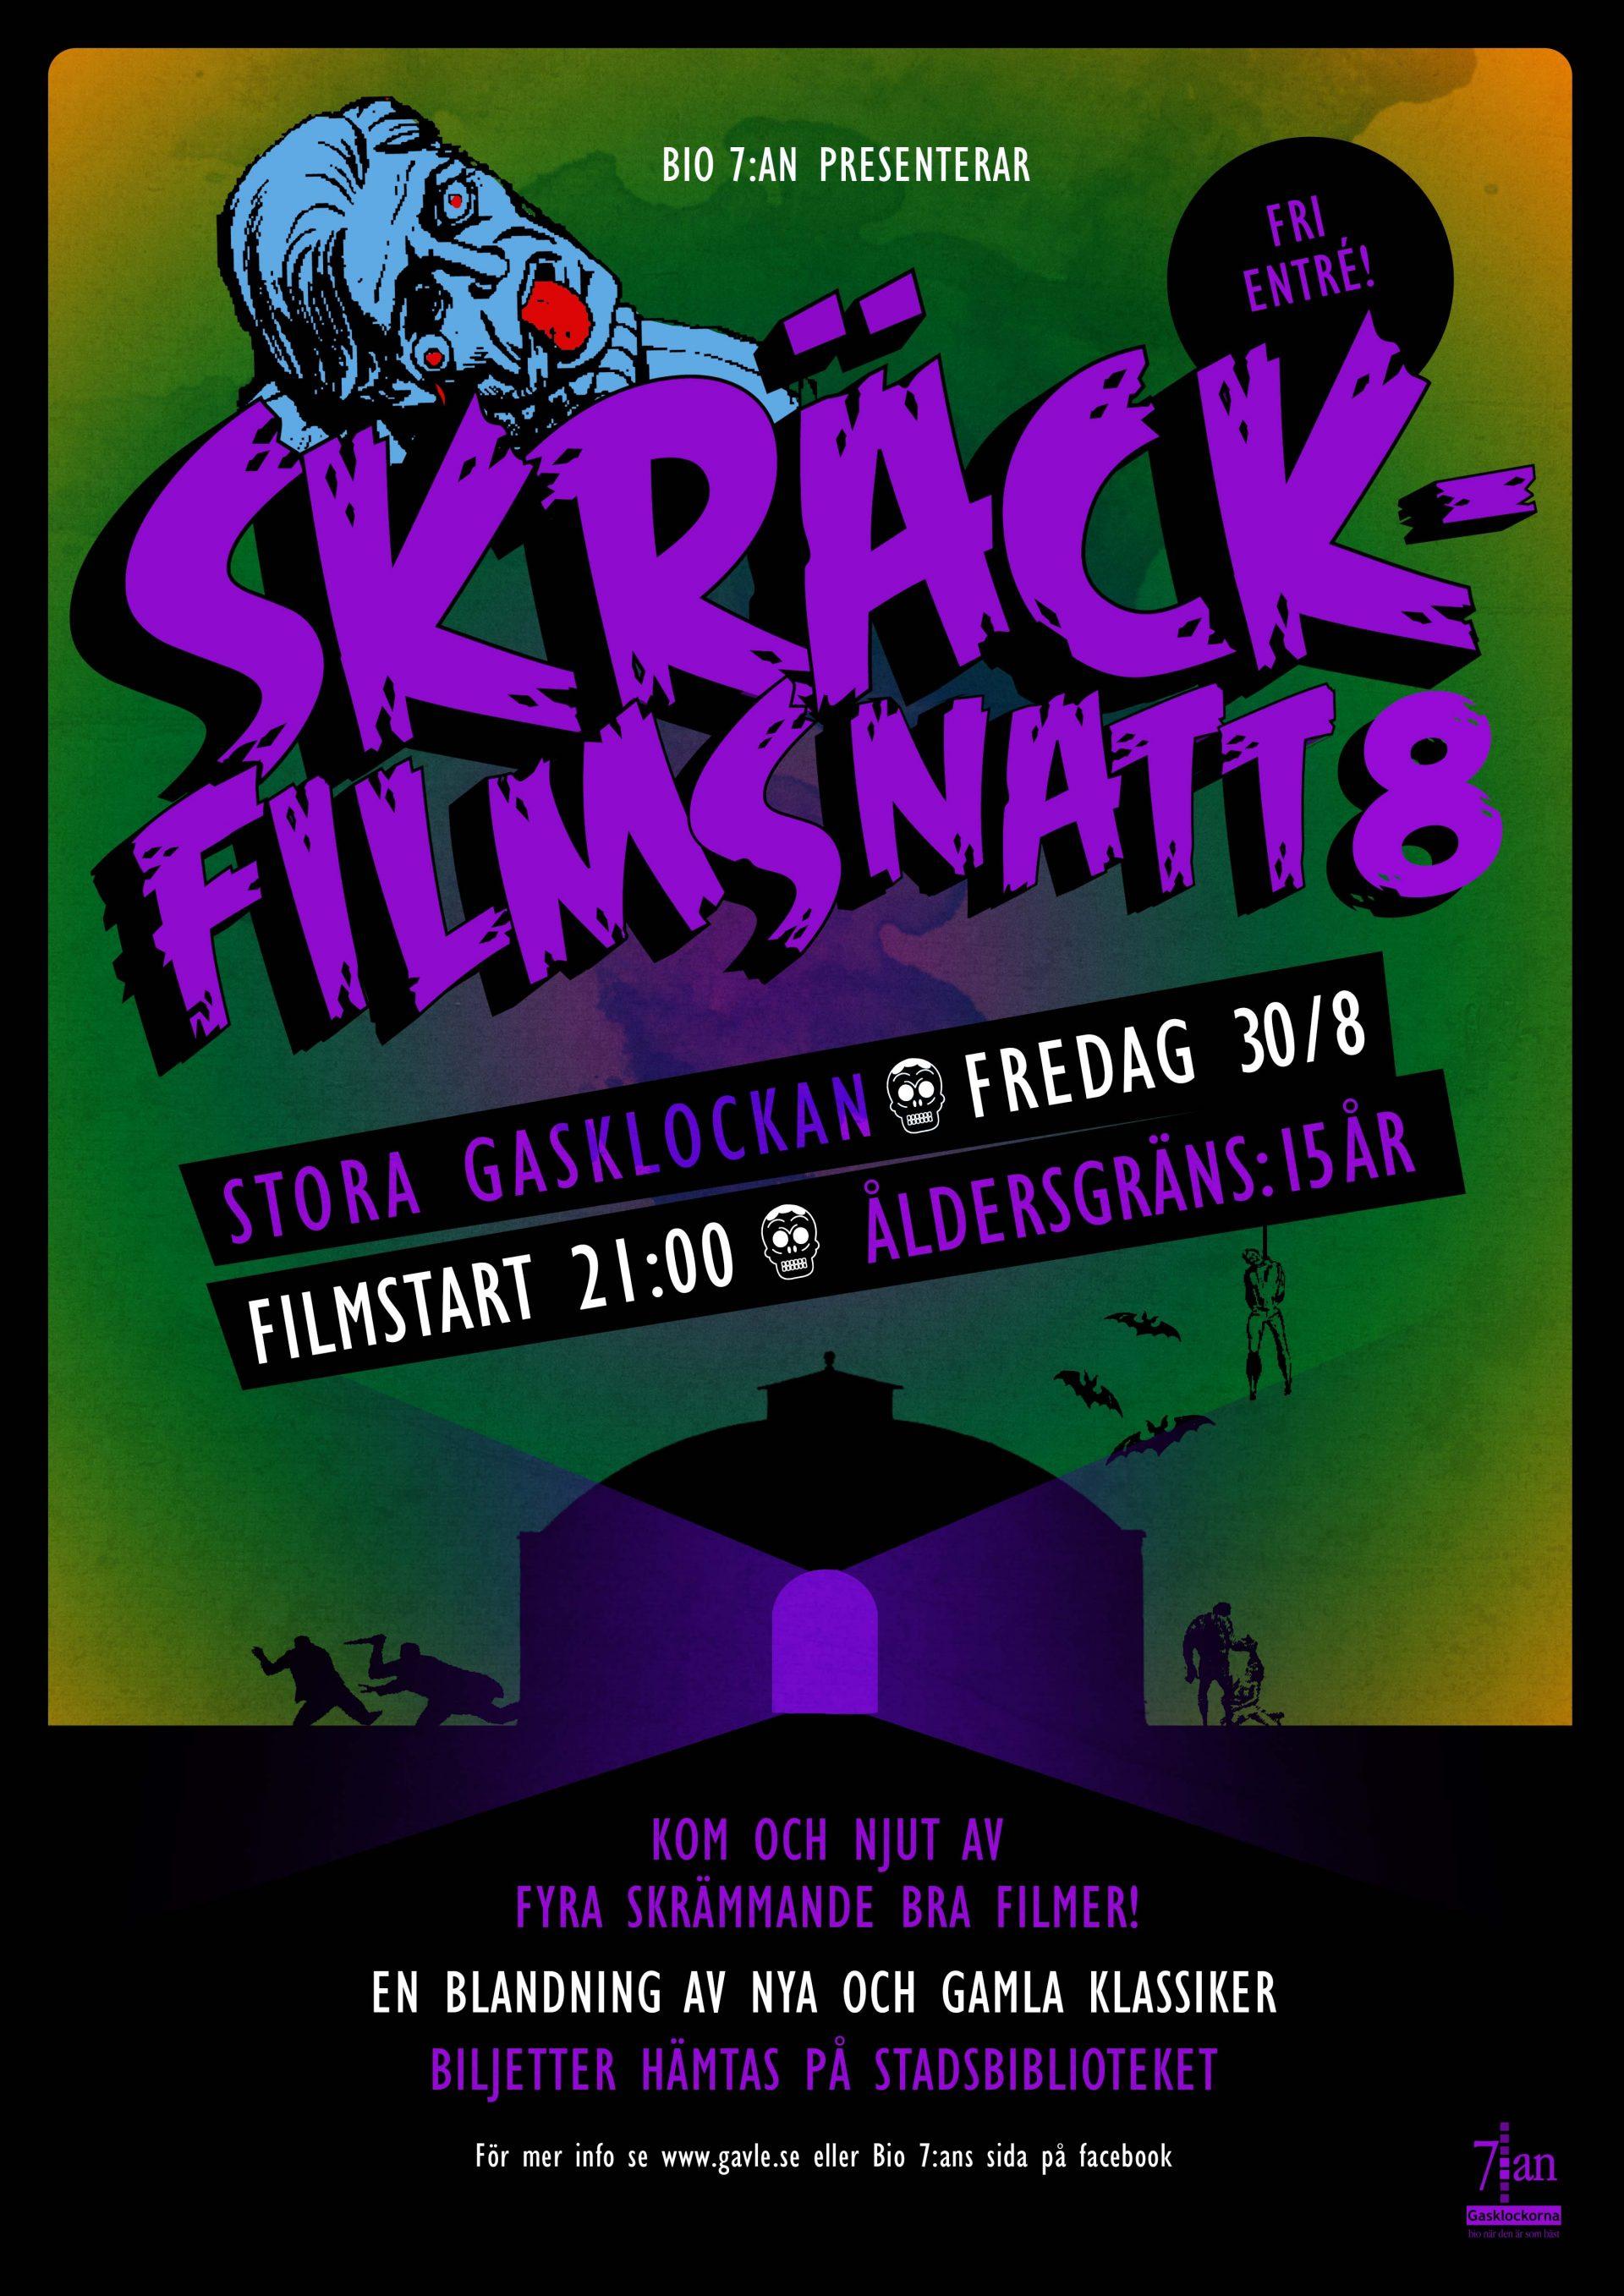 Skrackfilmsnatt-8_affischEdited